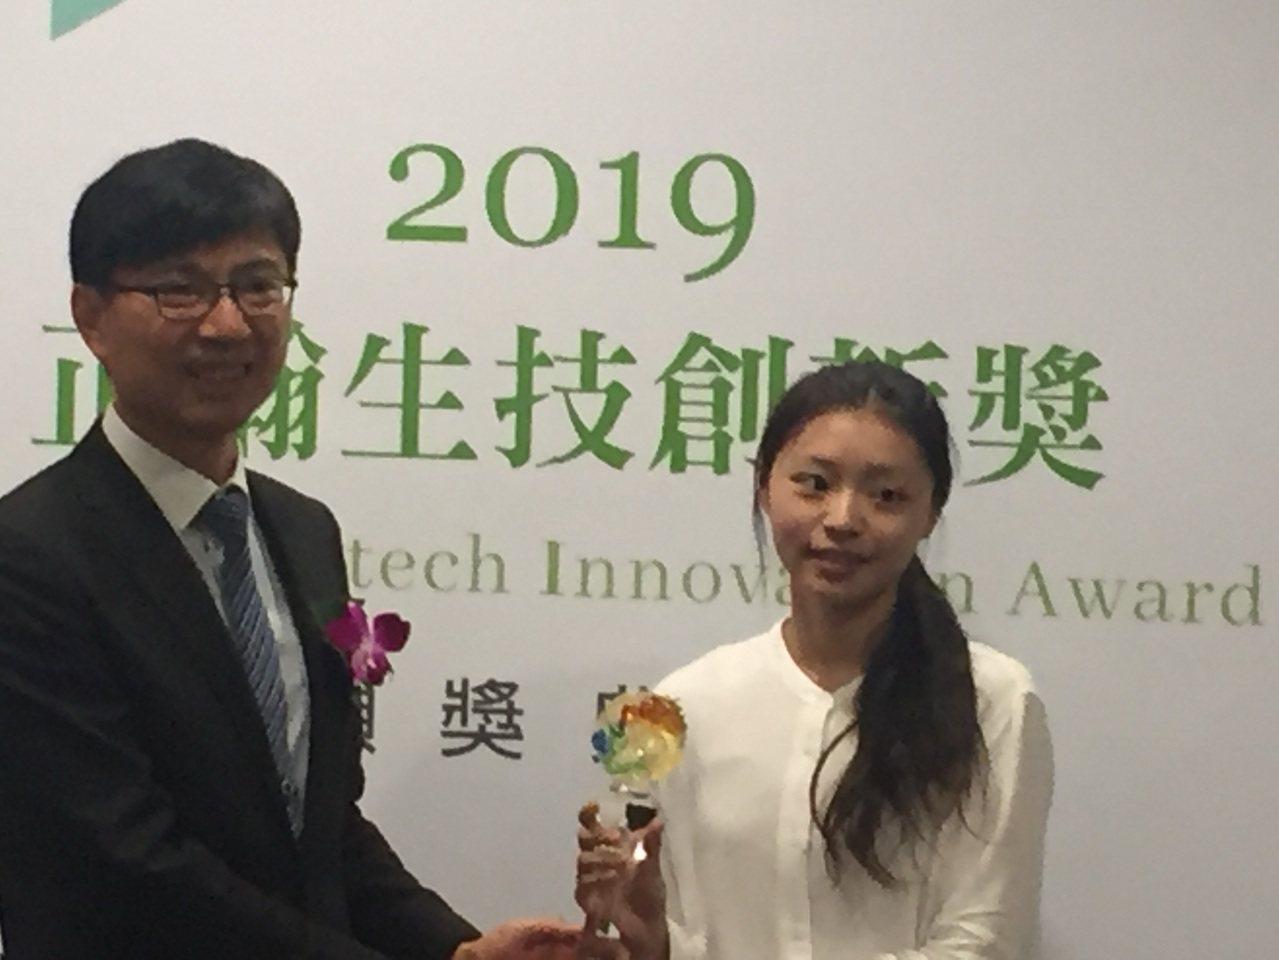 台灣大學大植物病理與微生物學系碩士生方如瑩(右),獲得第一屆「正瀚生技創新獎」金...